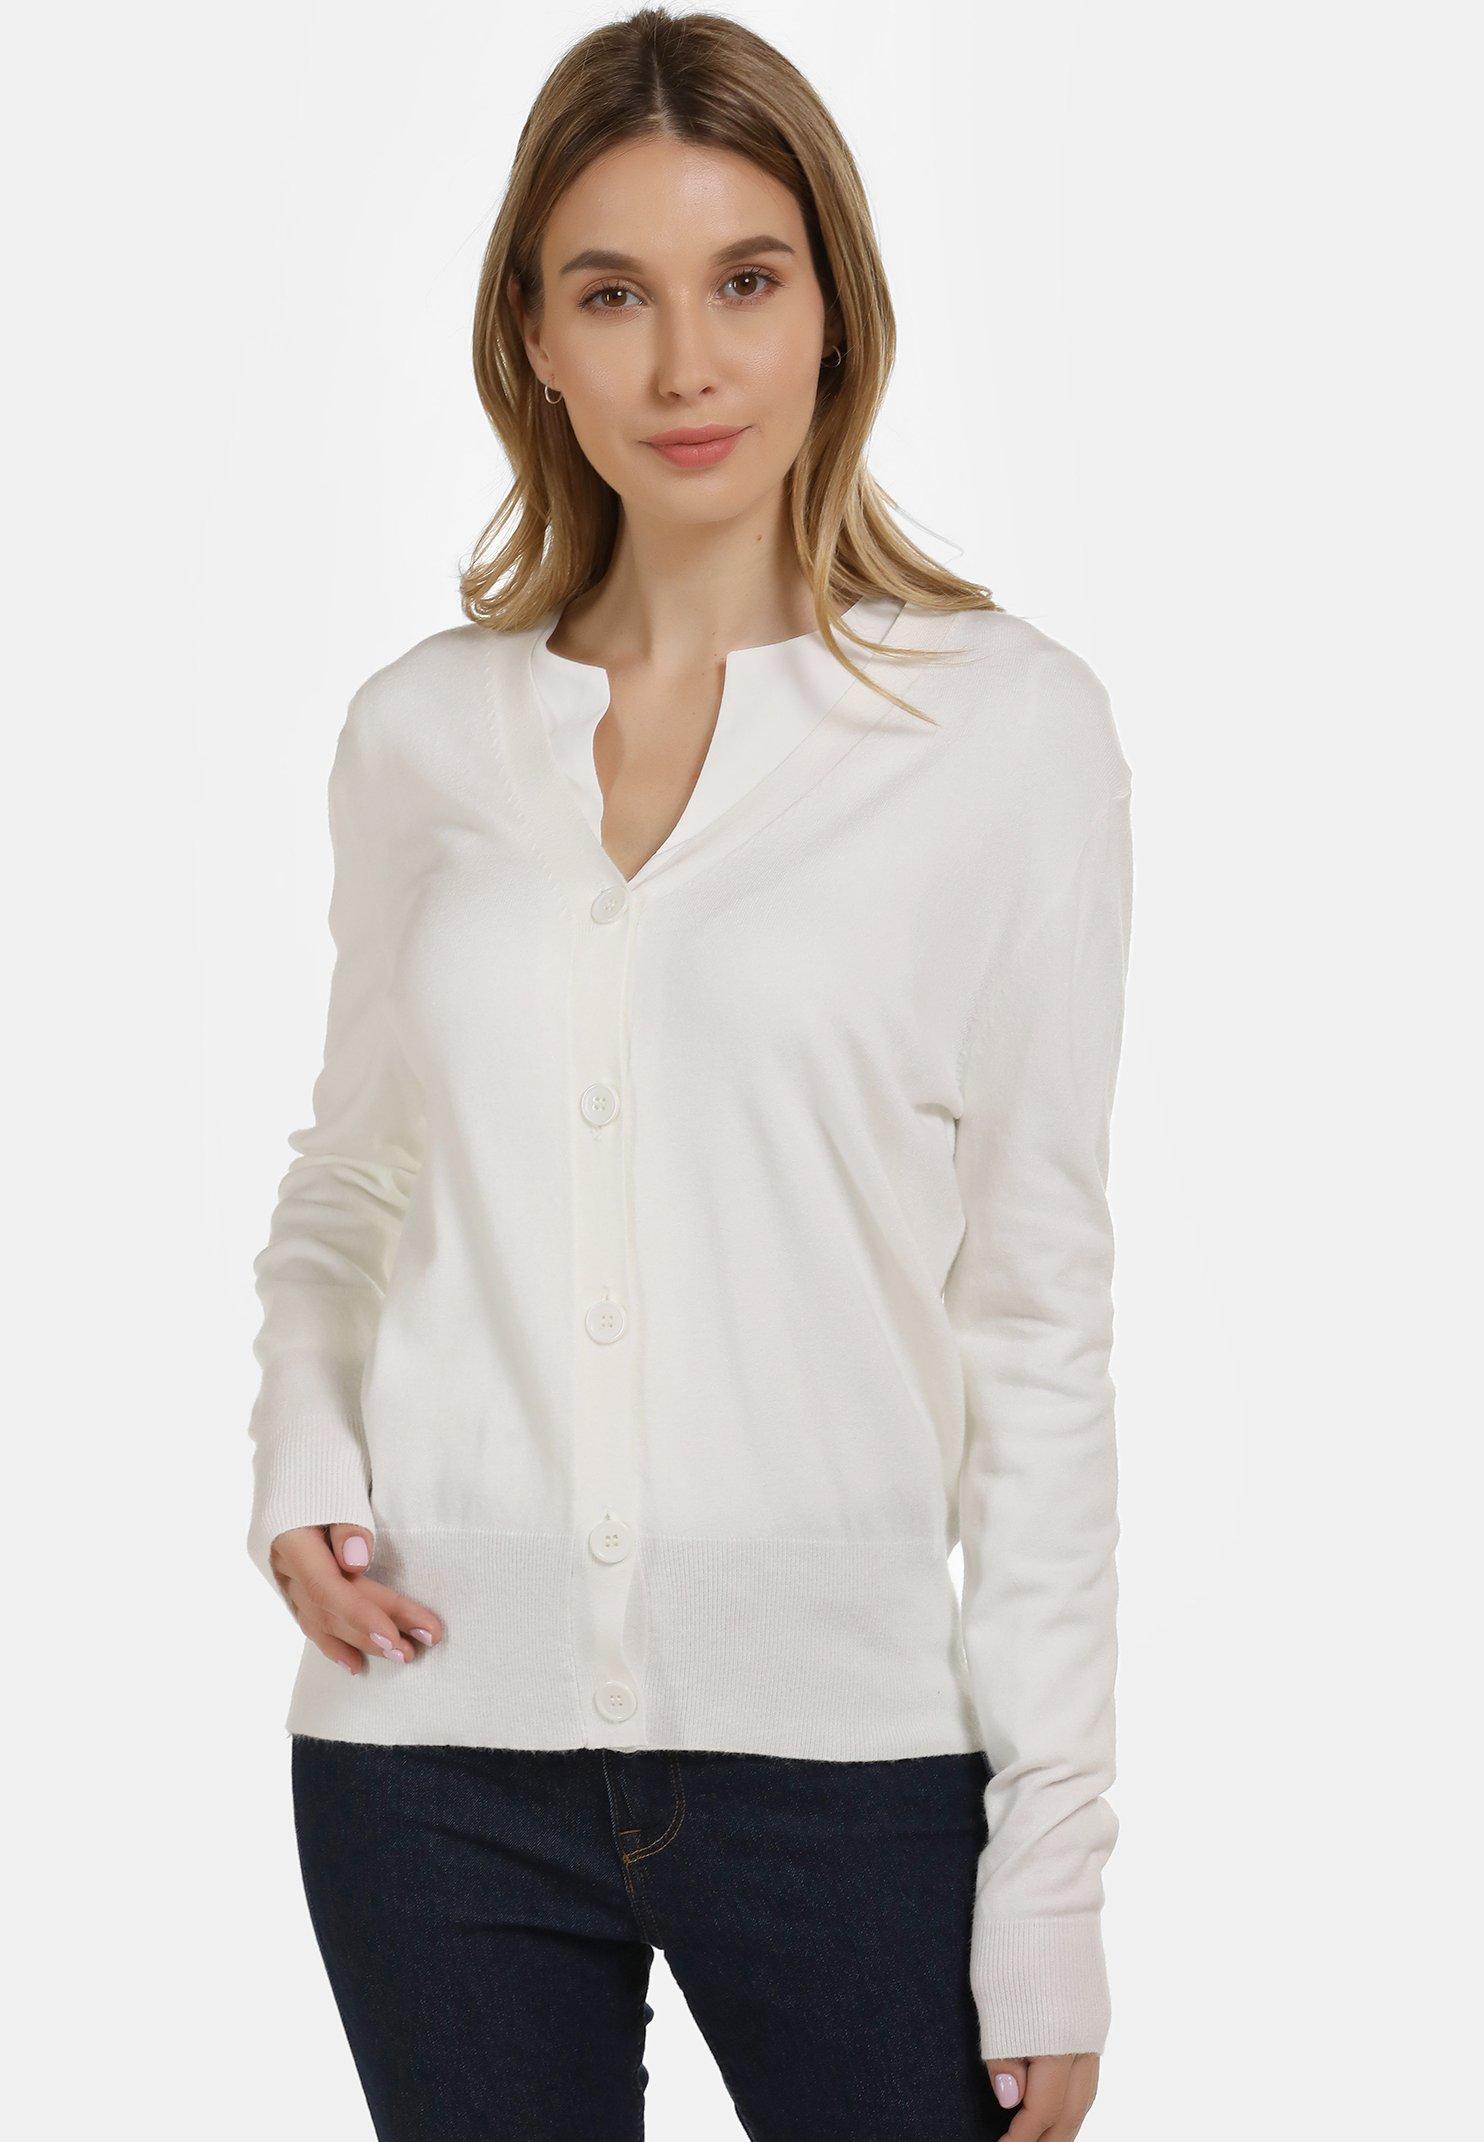 Original Women's Clothing usha Cardigan white rSfOEp70V